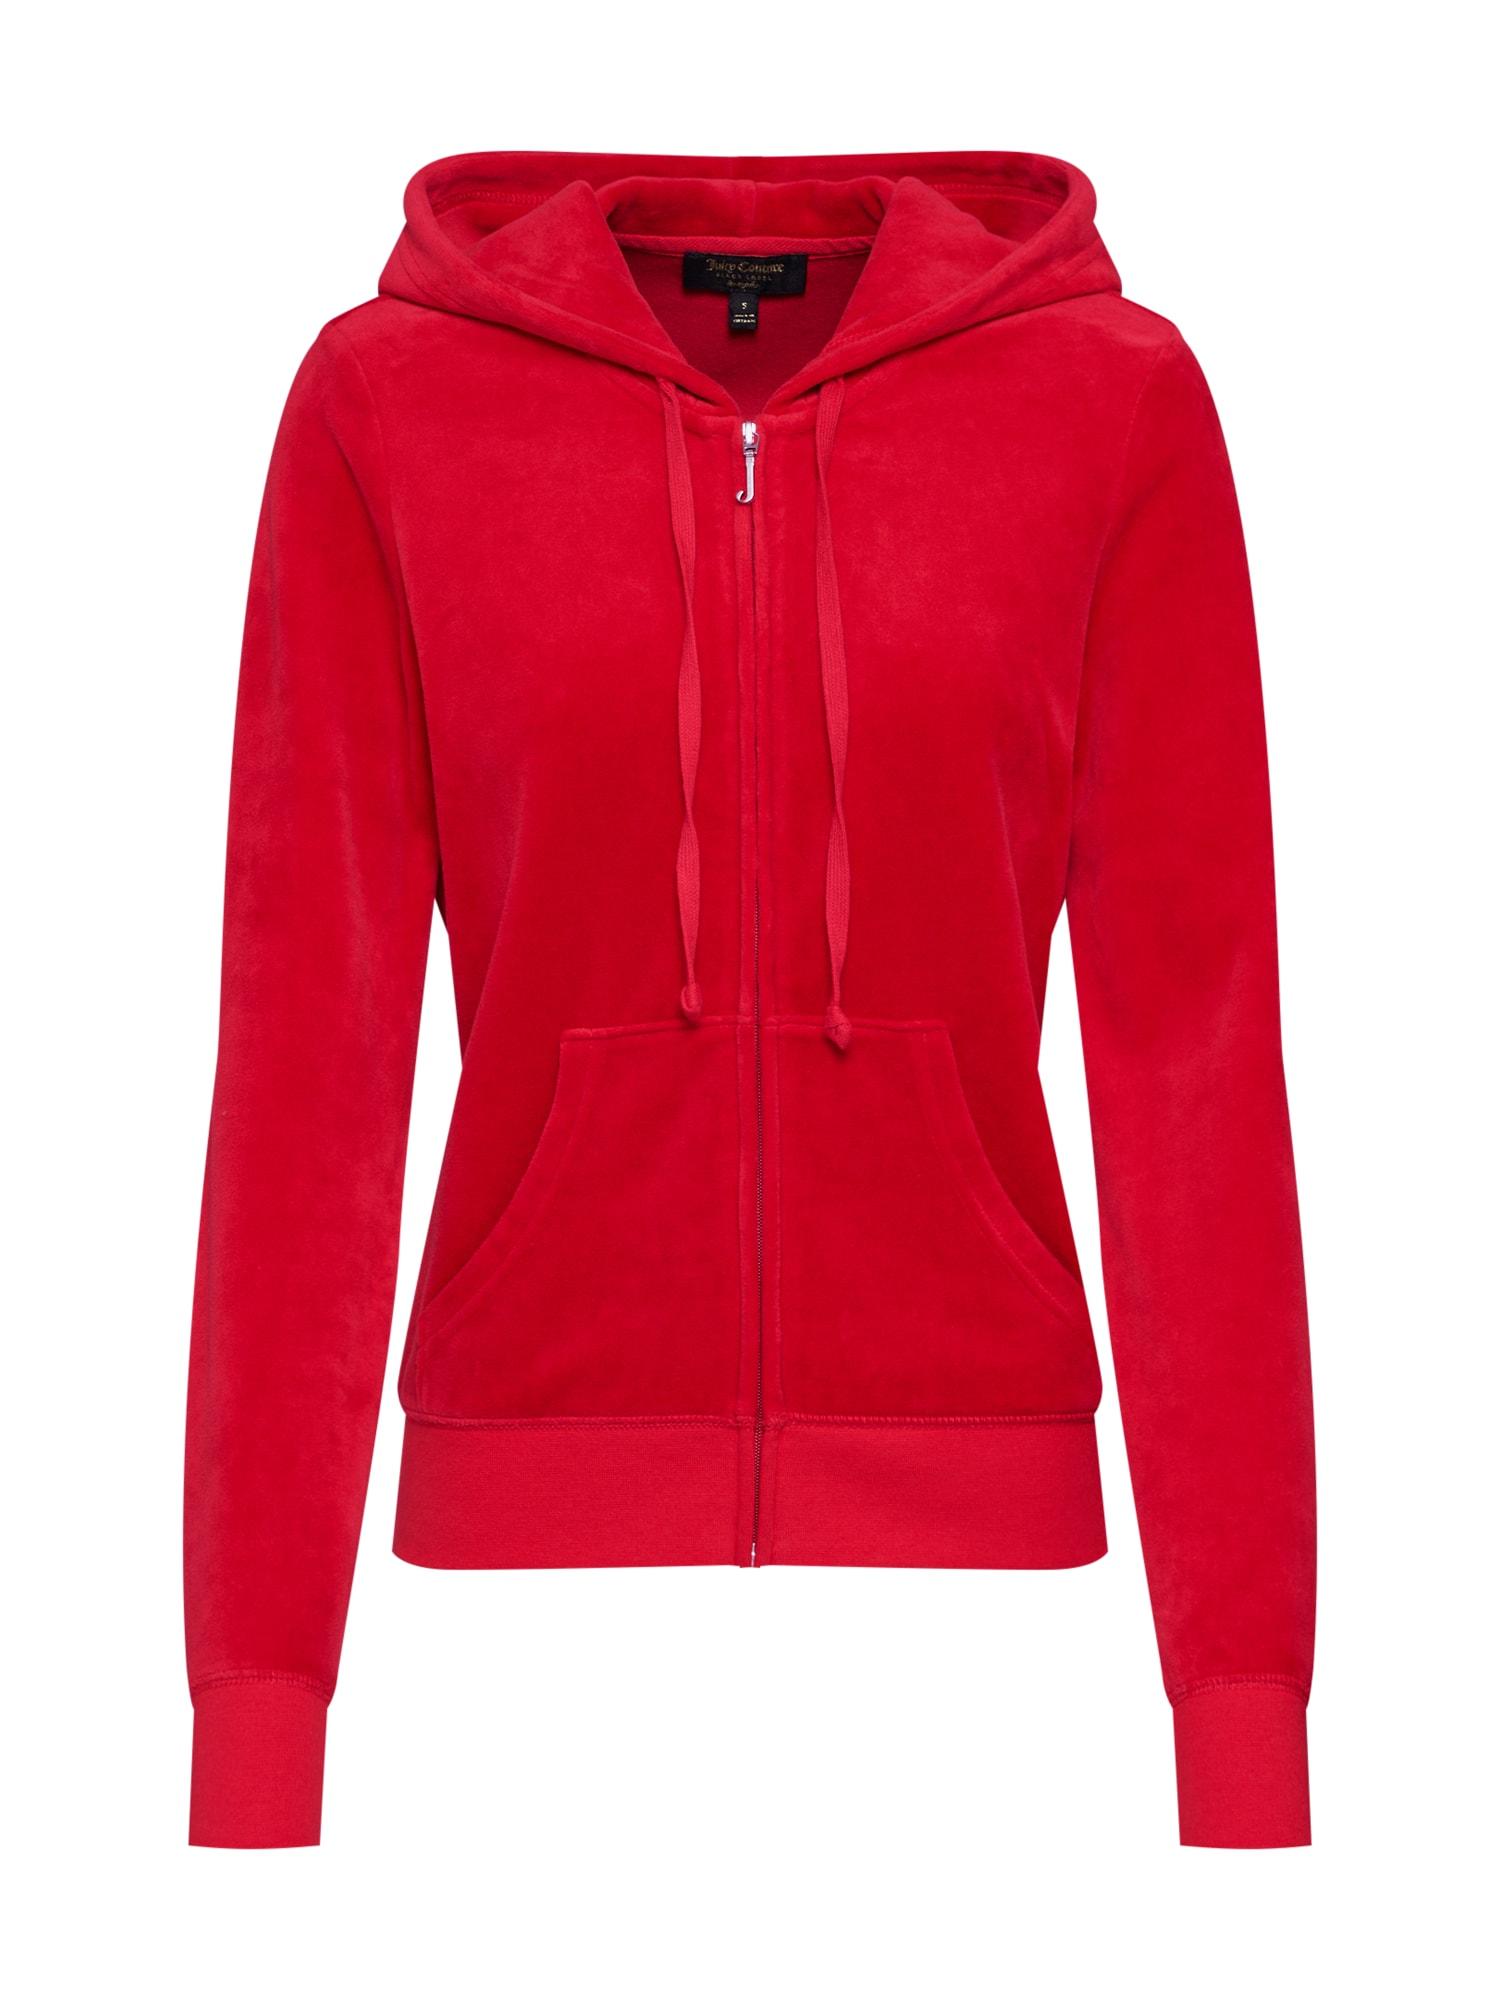 Mikina s kapucí Velour Robertson červená Juicy Couture Black Label